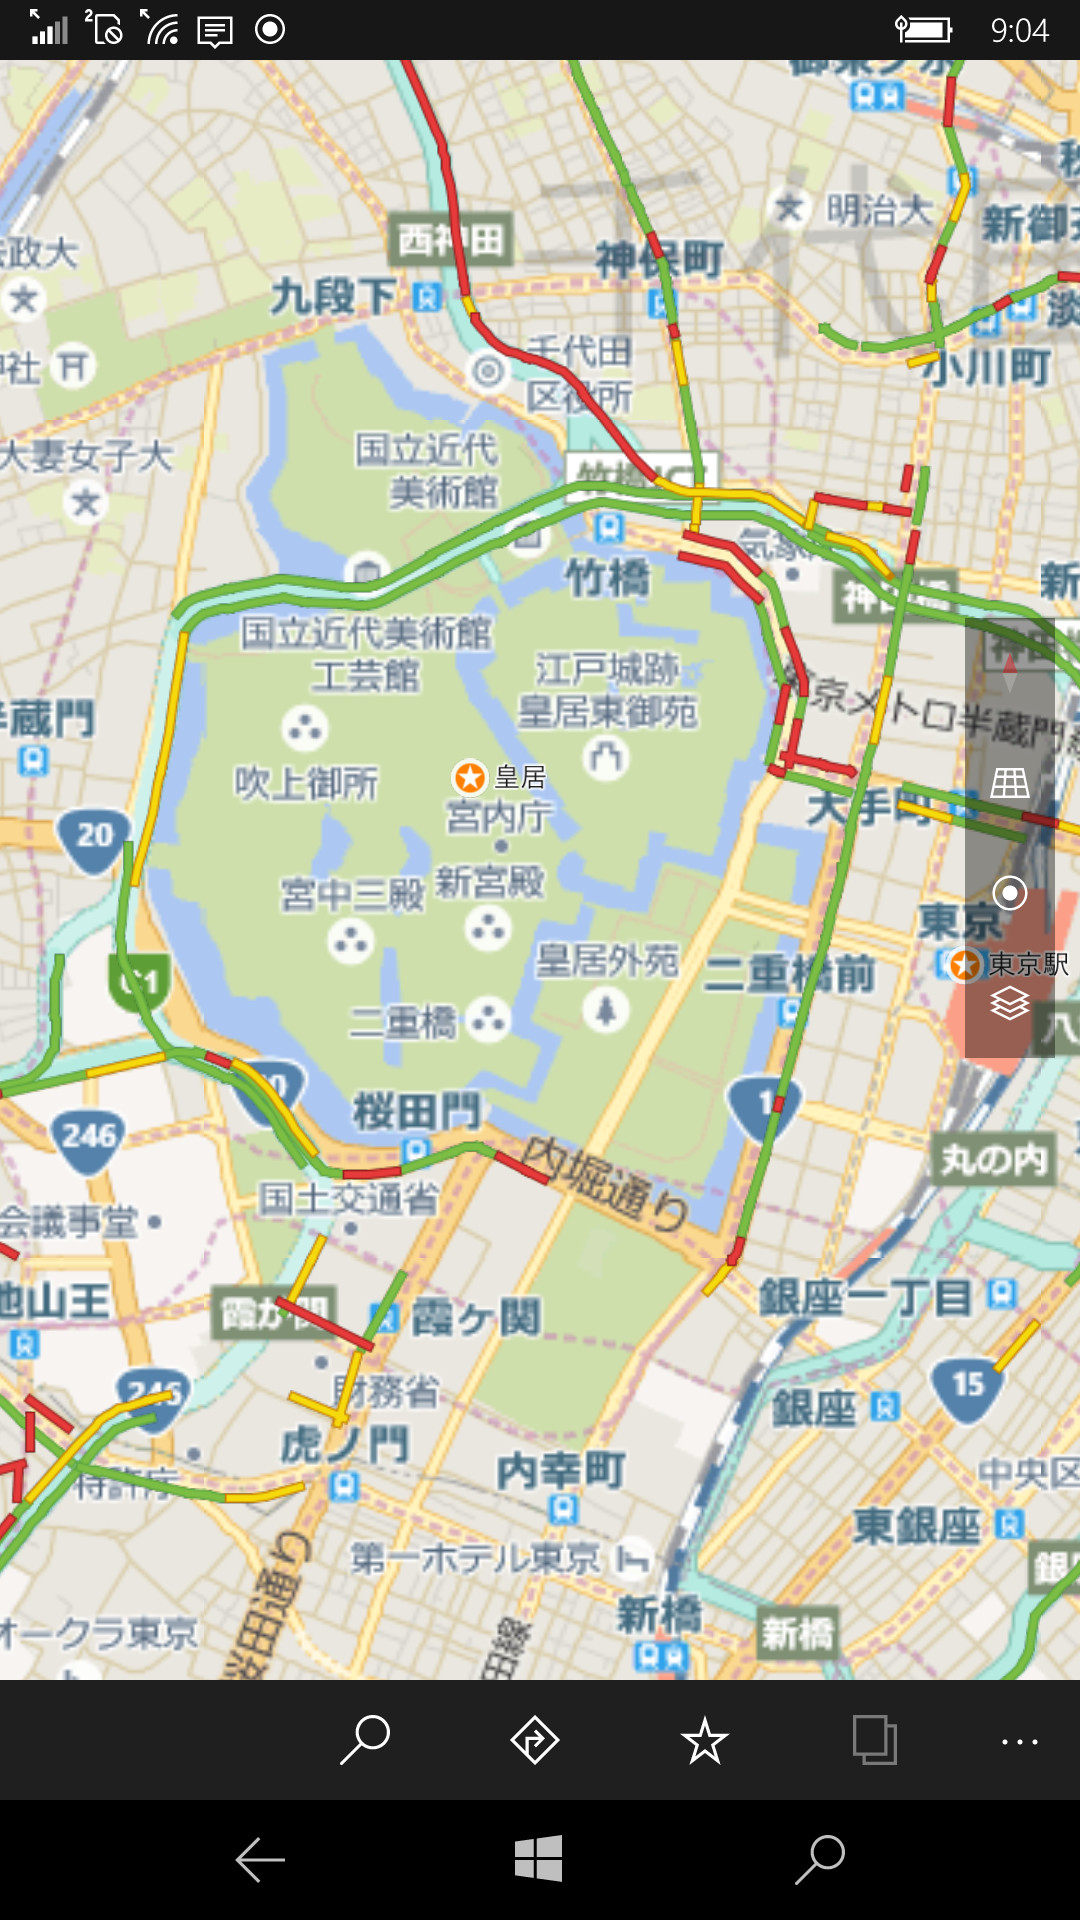 こちらは都内の混雑状況を示した状態。皇居周辺は全般的に混雑している